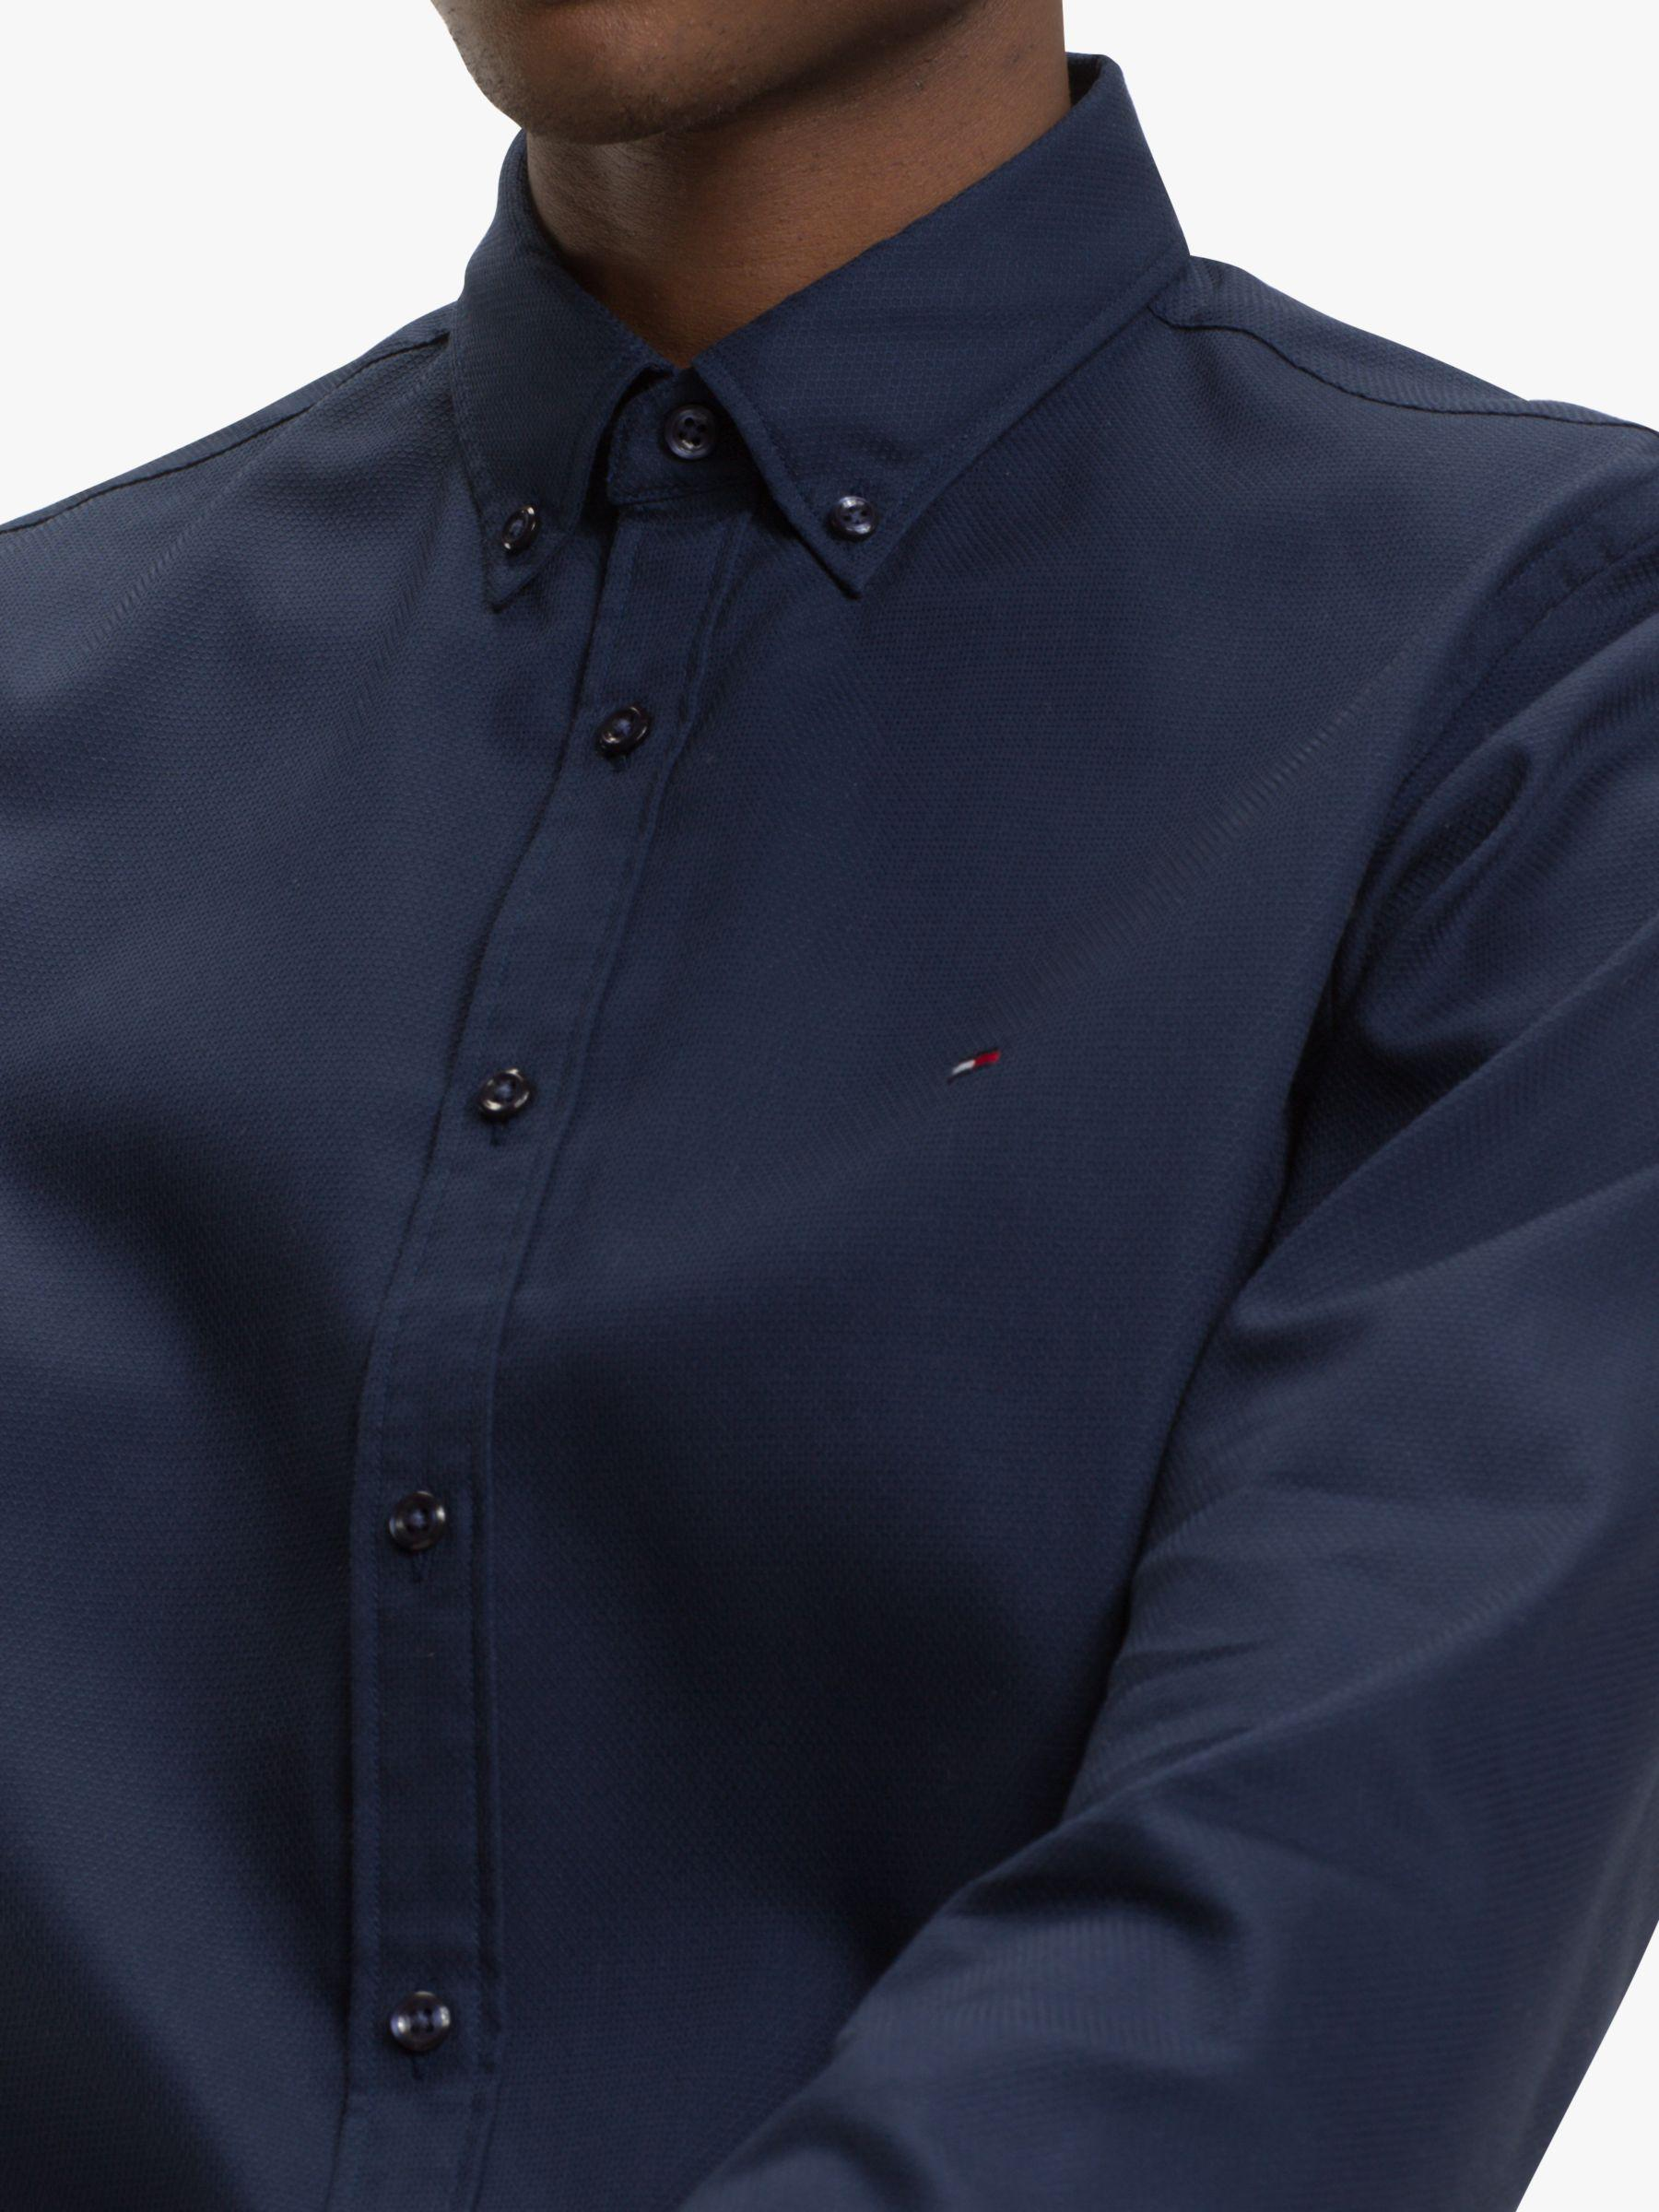 4d6334685dbd Tommy Hilfiger Slim Fit Cellular Dobby Shirt in Blue for Men - Lyst